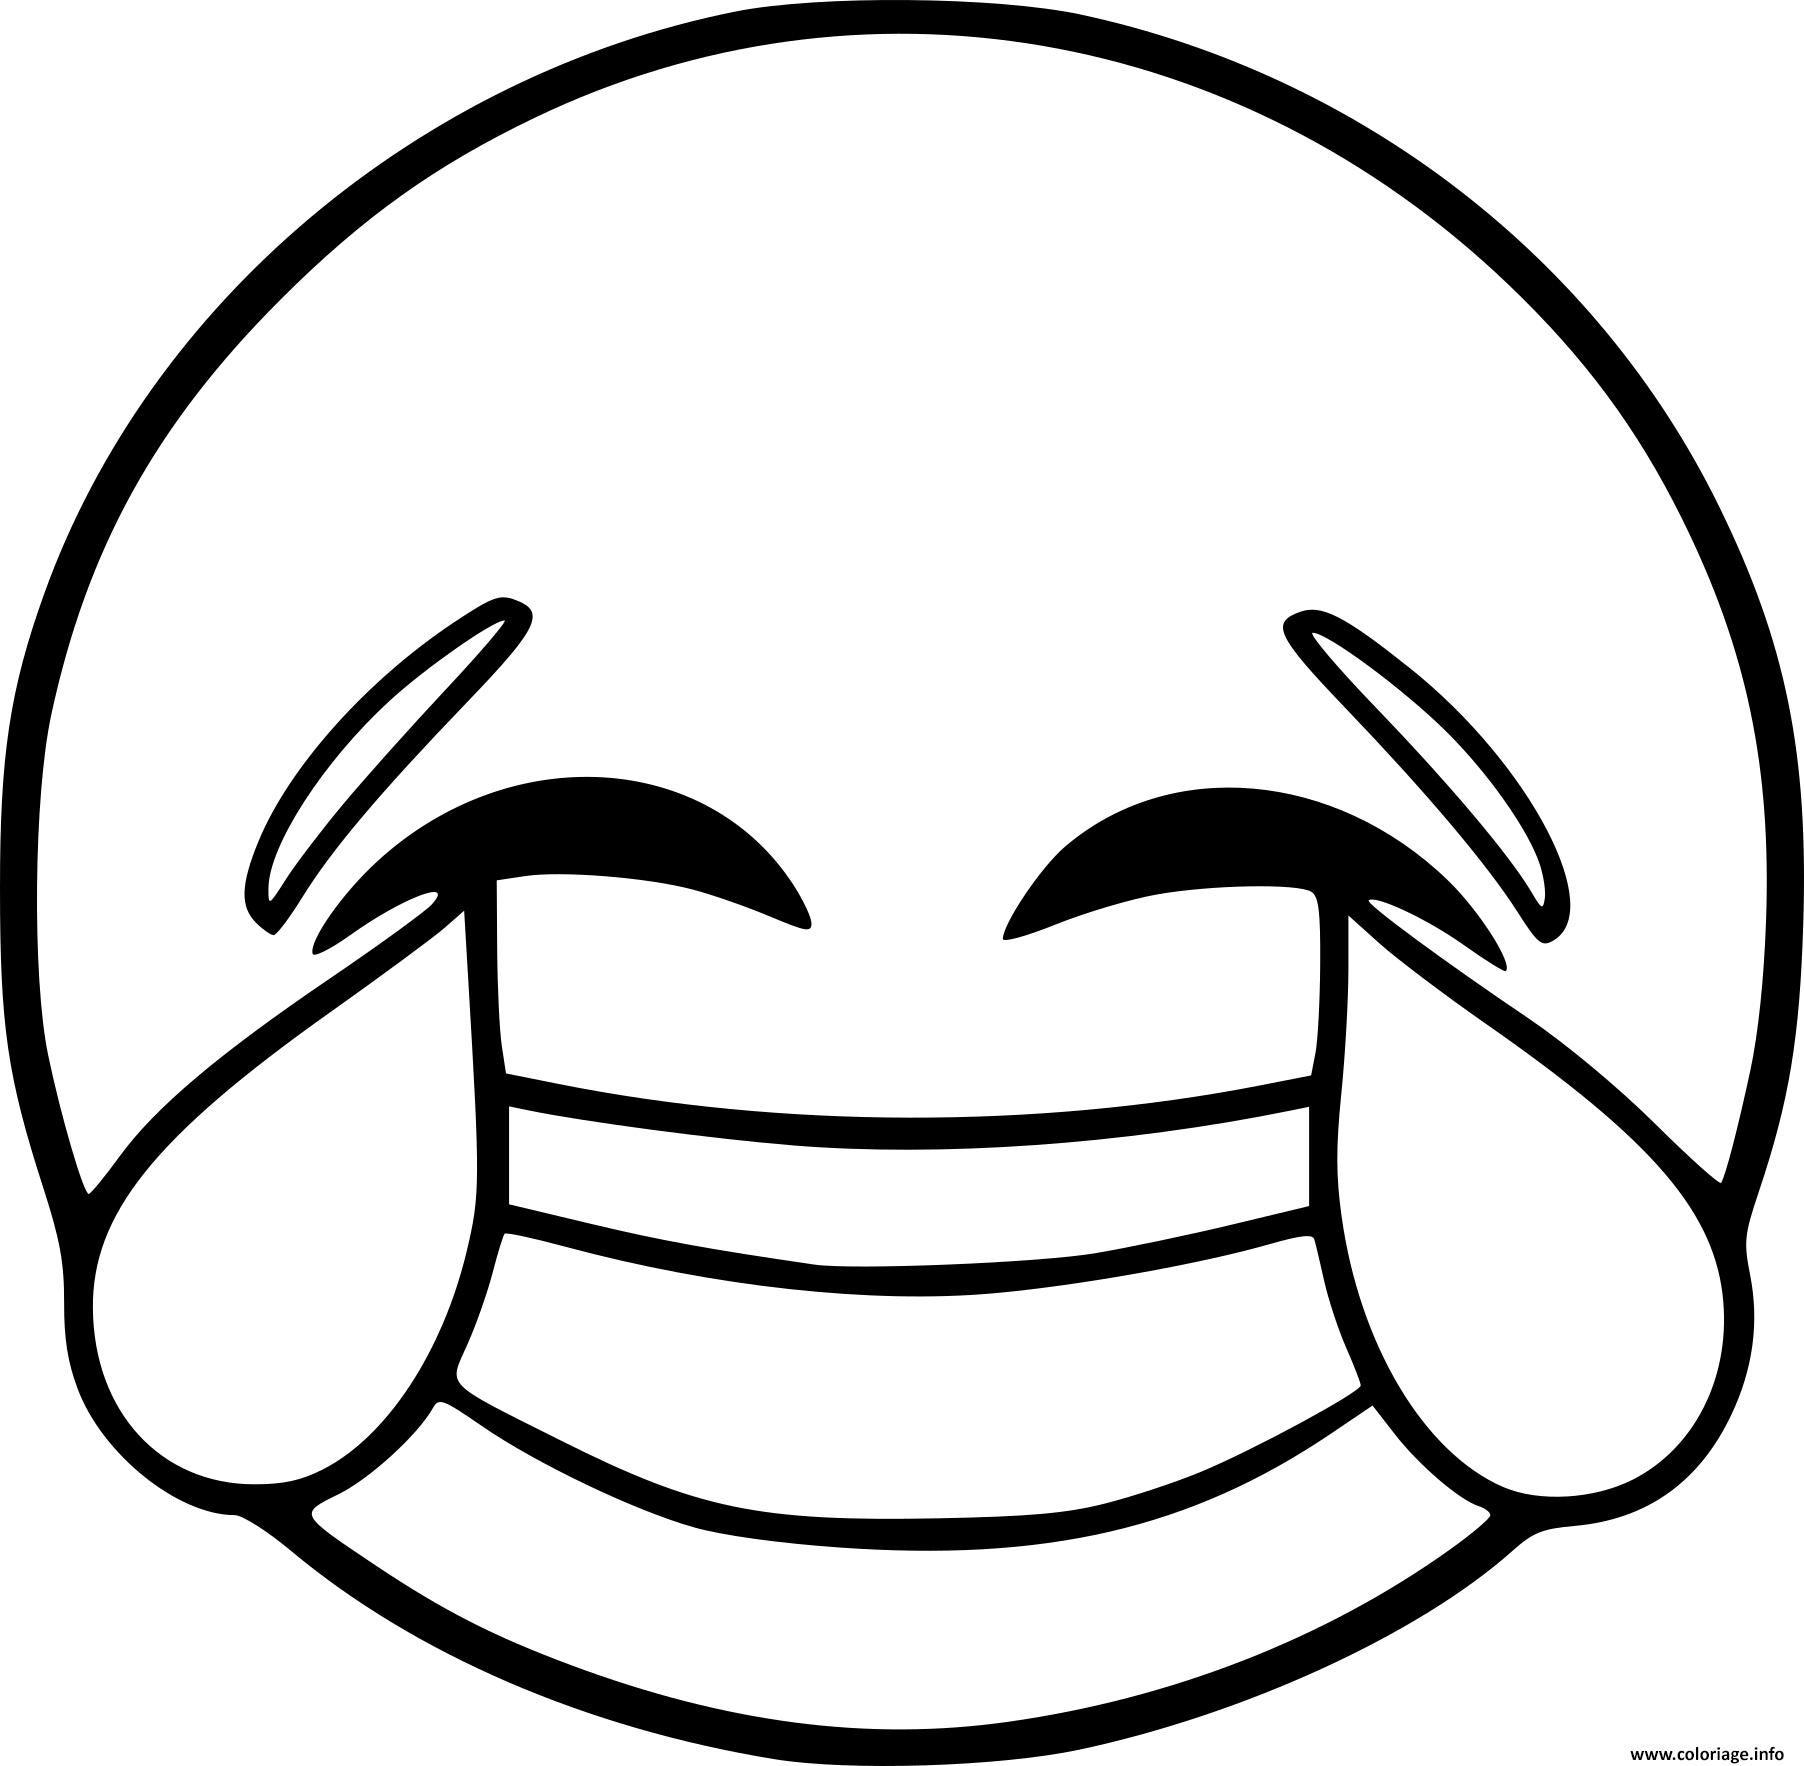 Coloriage Smiley Emoji Rire Dessin Nouveau Coloriage Smiley Emoji Rire Dessin Coloriage Imprimer Emoji Tendances Colo Coloriage Emoji Coloriage Dessin Emoji